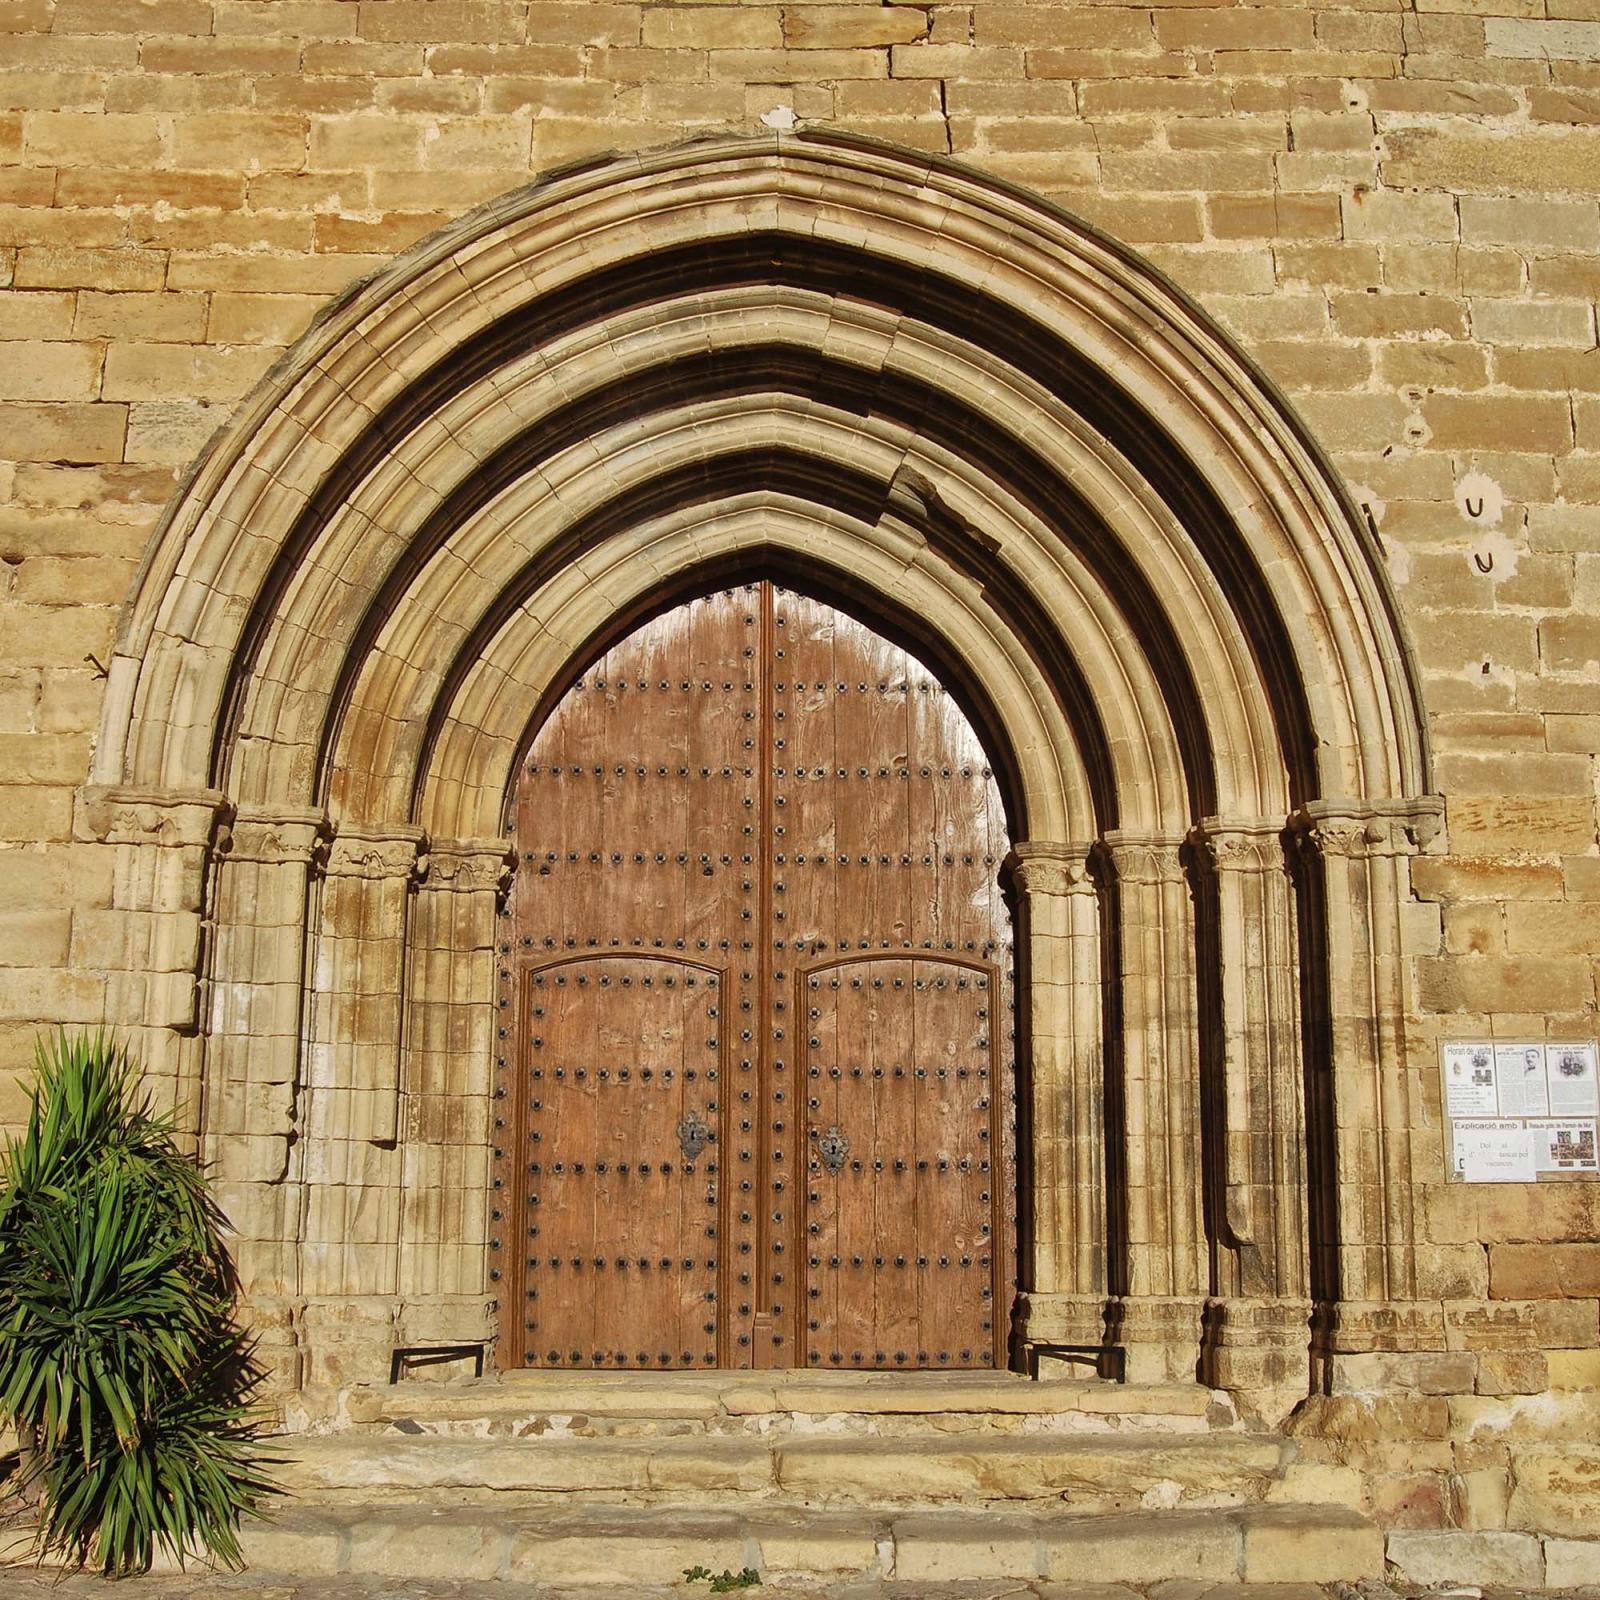 Église de Santa Maria